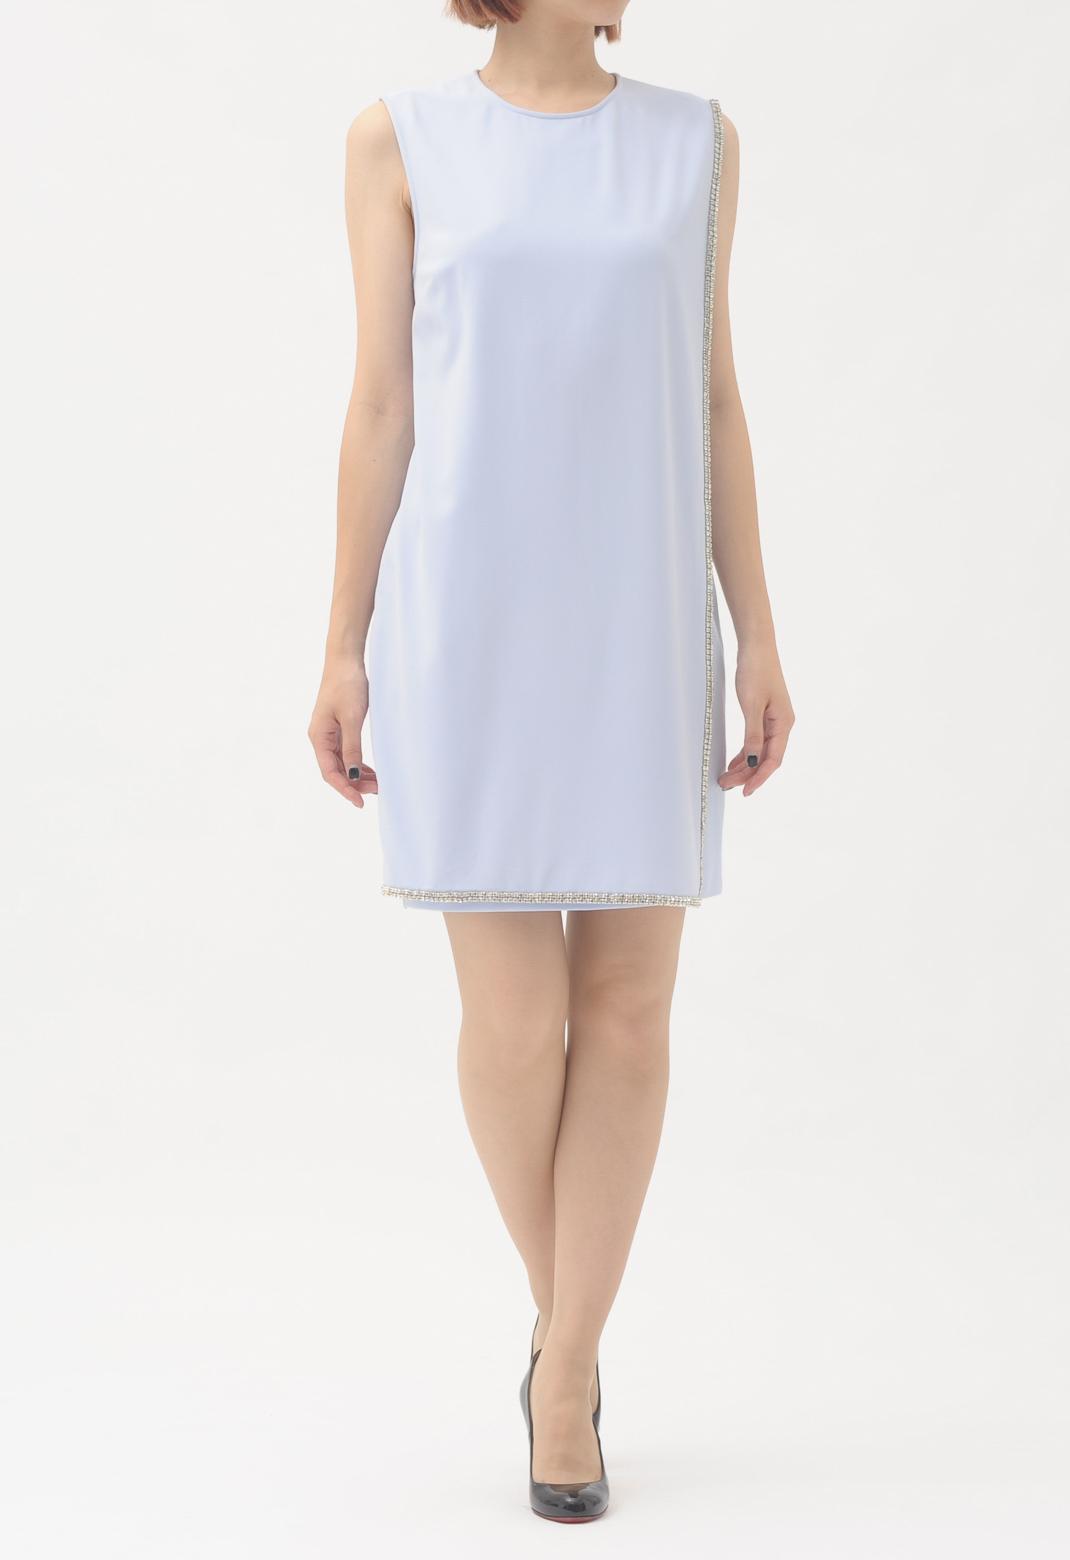 テッドベイカー フチストーン飾り ノースリーブ ドレス